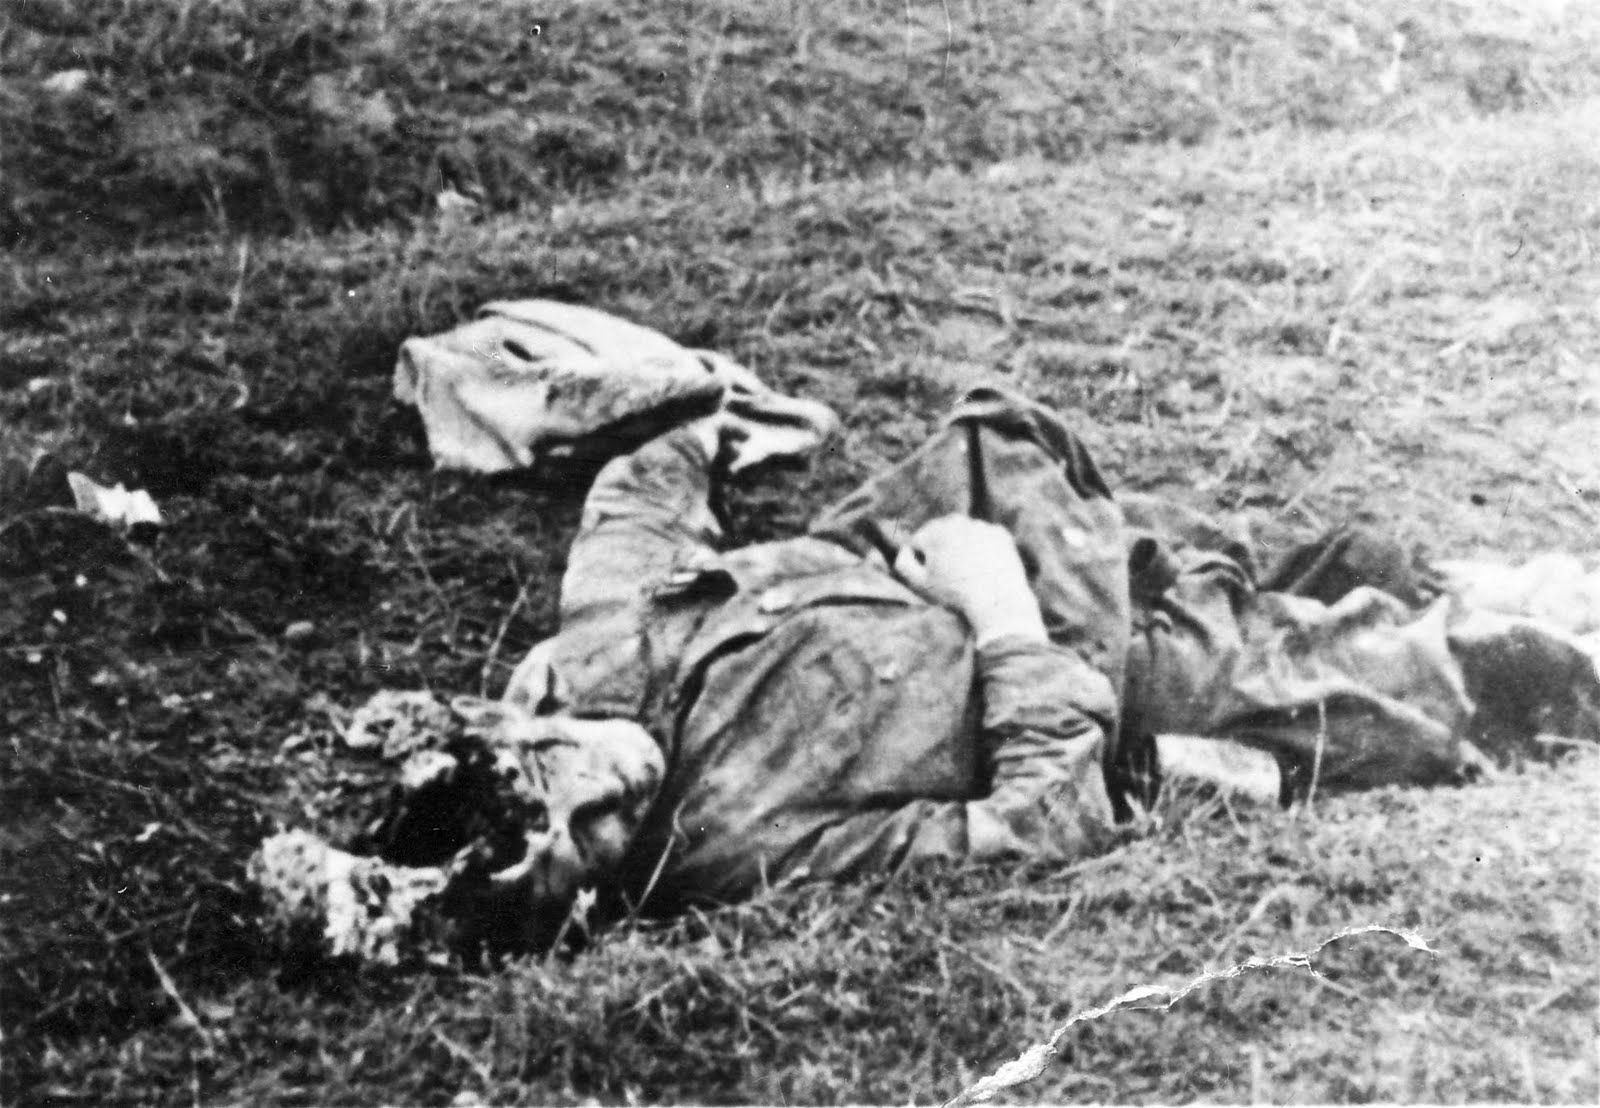 soldats soviétiques Dead%2BRussian%2Bsoldier%2Bin%2Bthe%2BOperation%2BBarbarossa